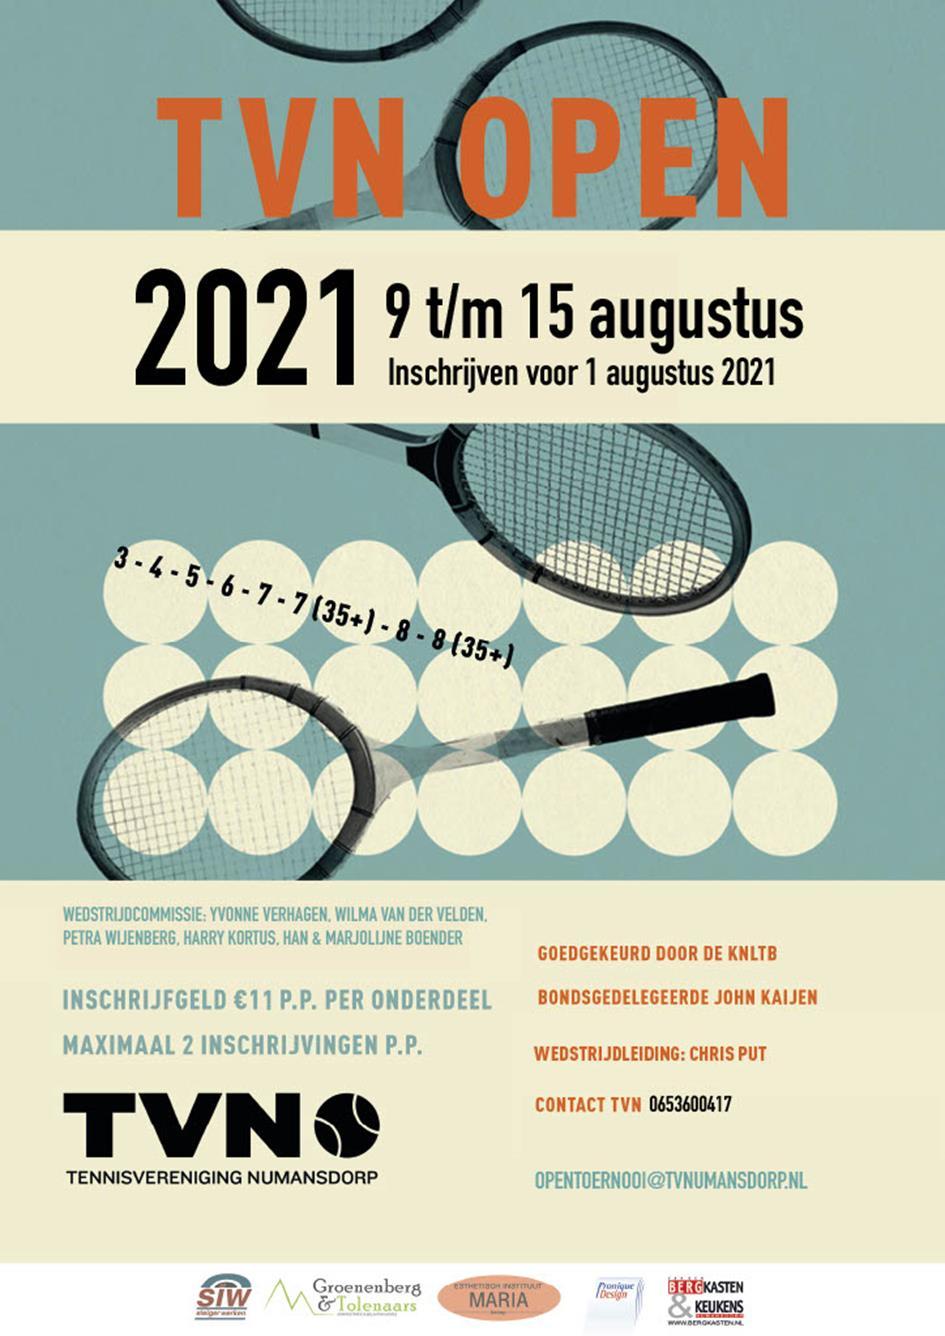 poster OT20211024_1.jpg